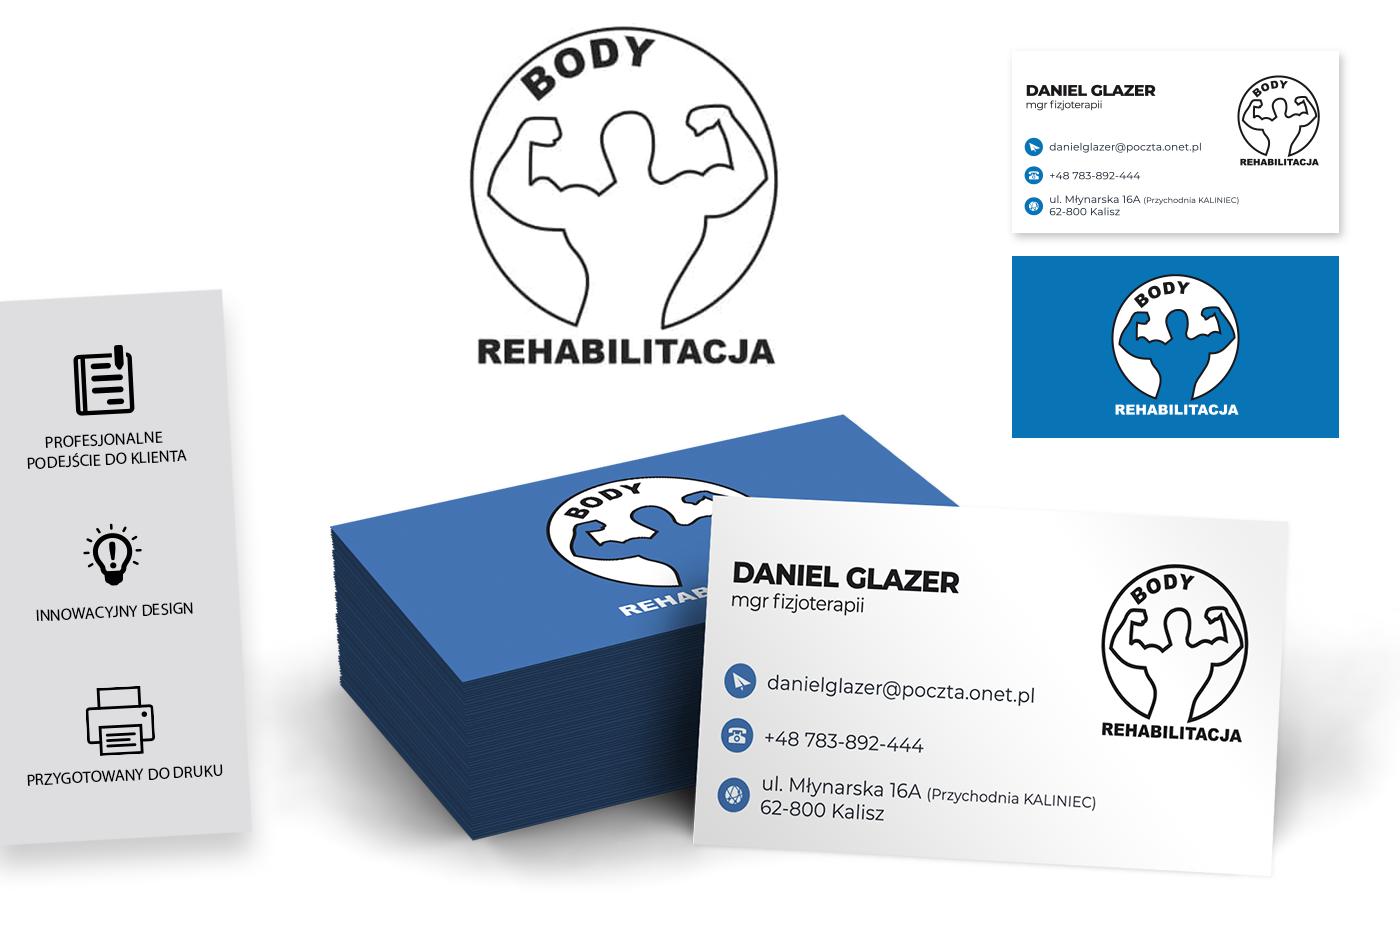 Body Rehabilitacja - Wizytówka Geek Imagination